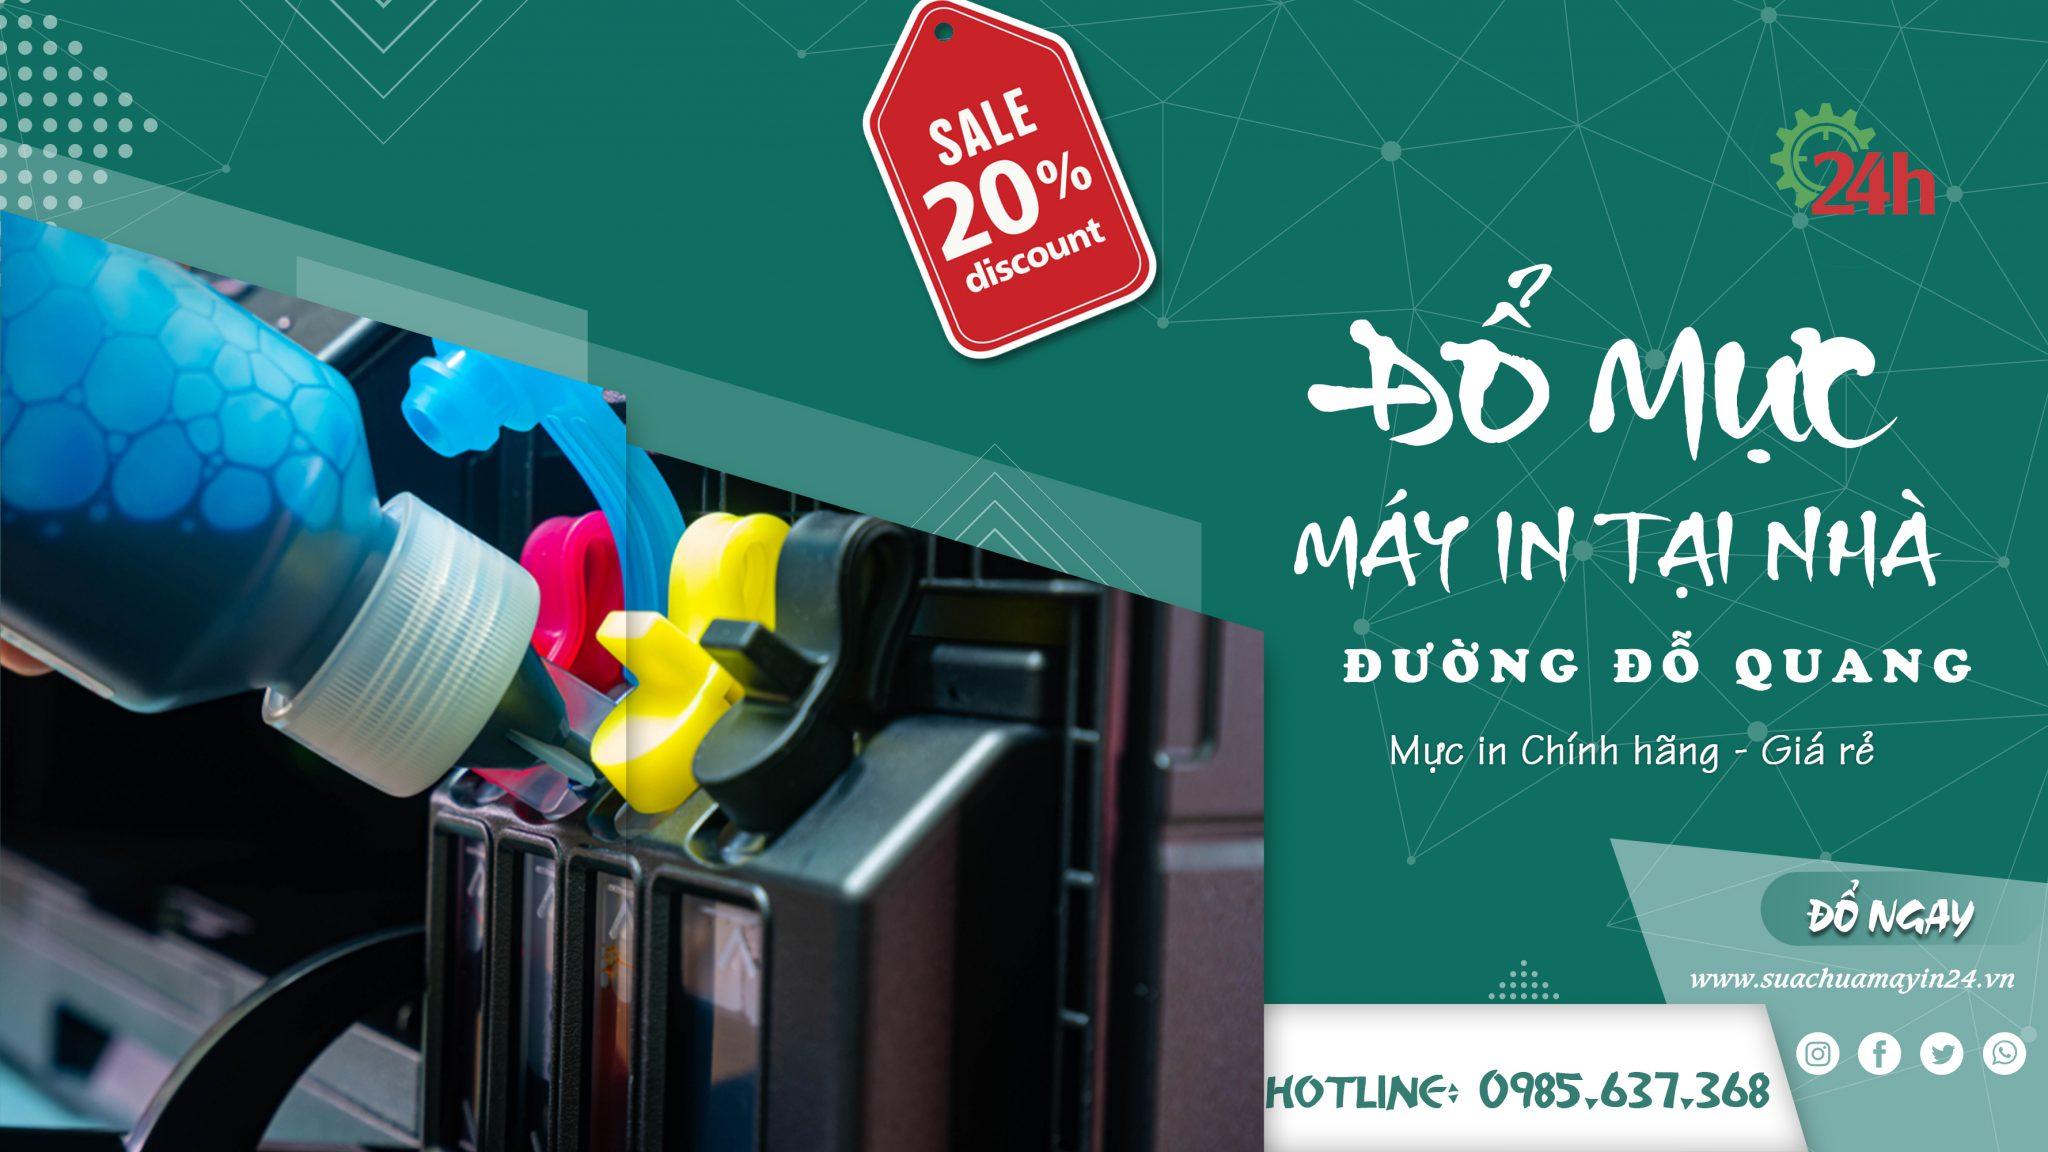 do-muc-may-in-tai-do-quang 2